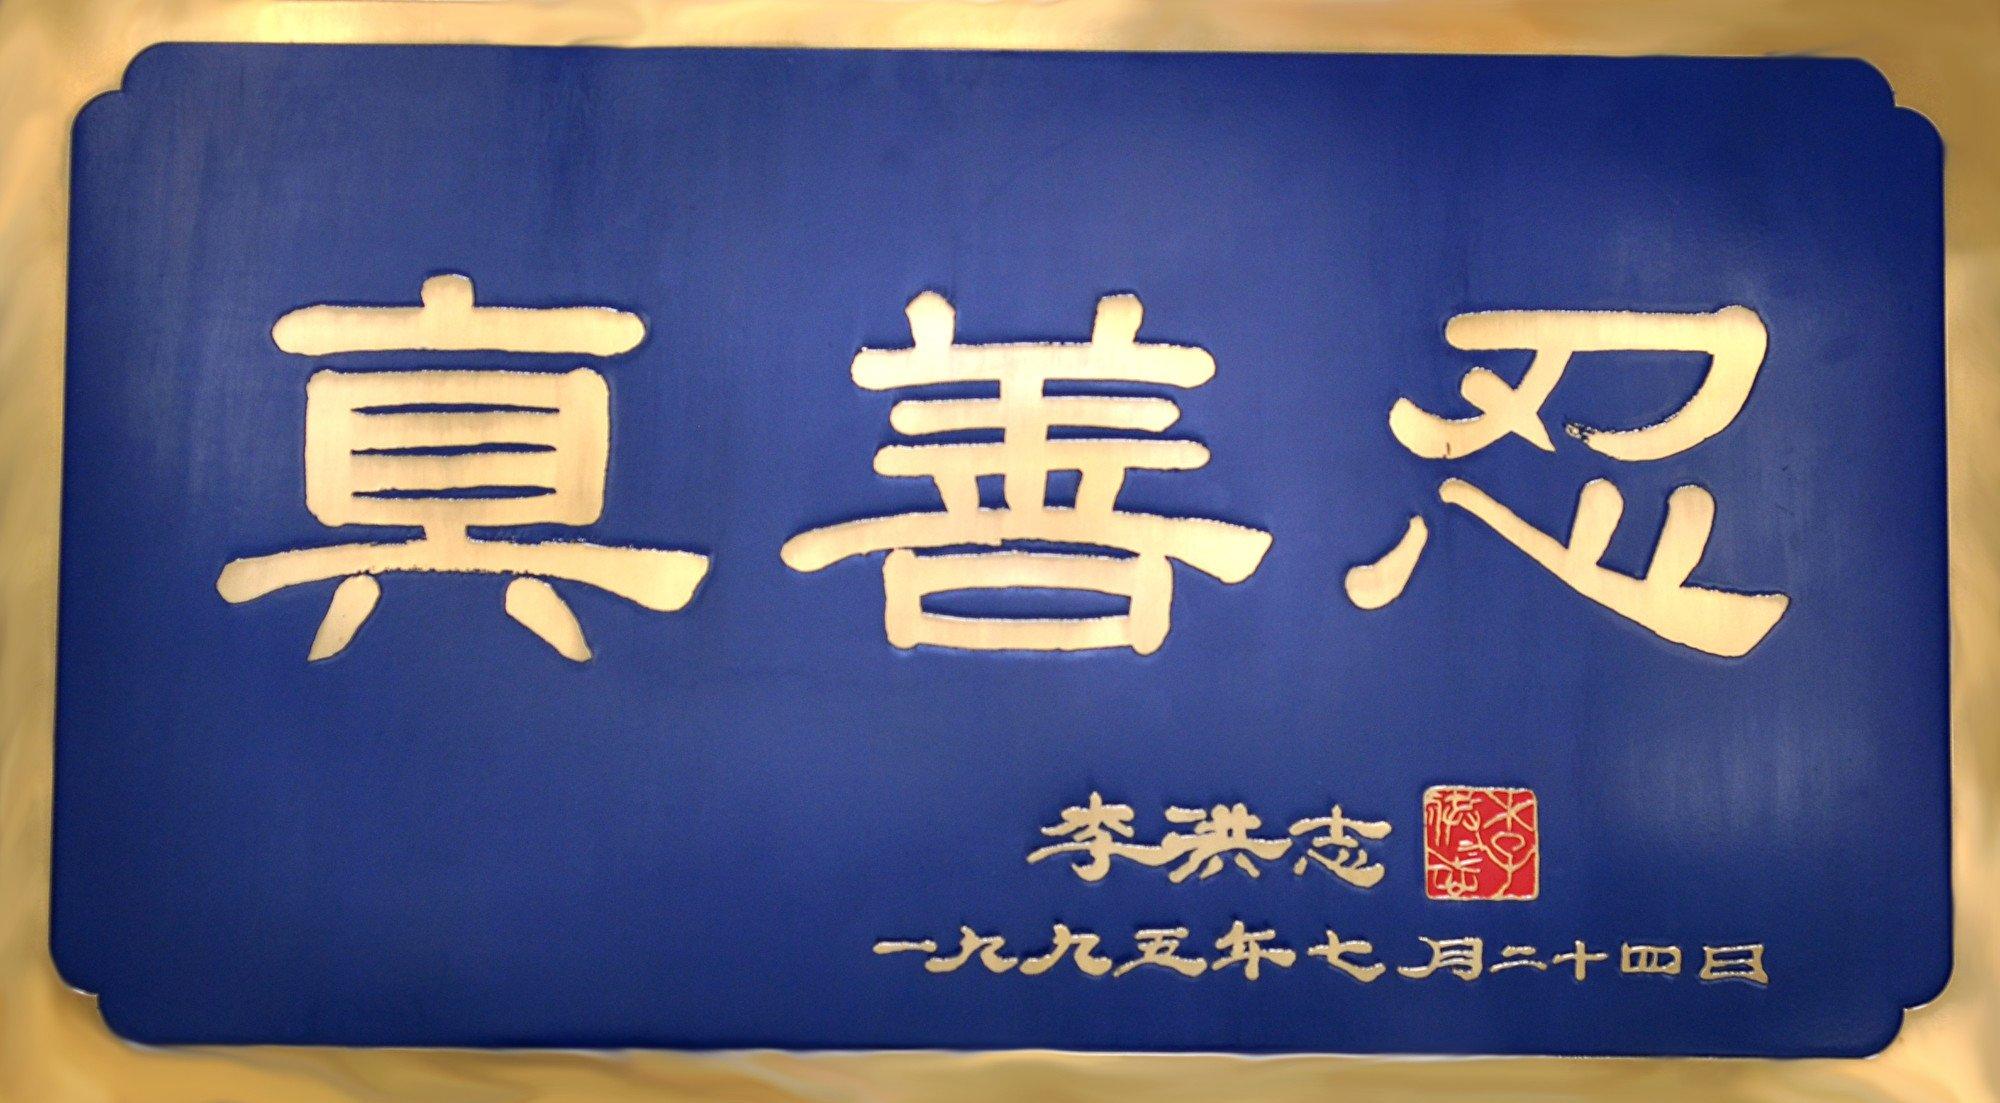 這是一方收藏在中國大陸的藍底金字匾額,上面是法輪功創始人李洪志師父於1995年7月24日寫下的題詞:真善忍。(明慧網)